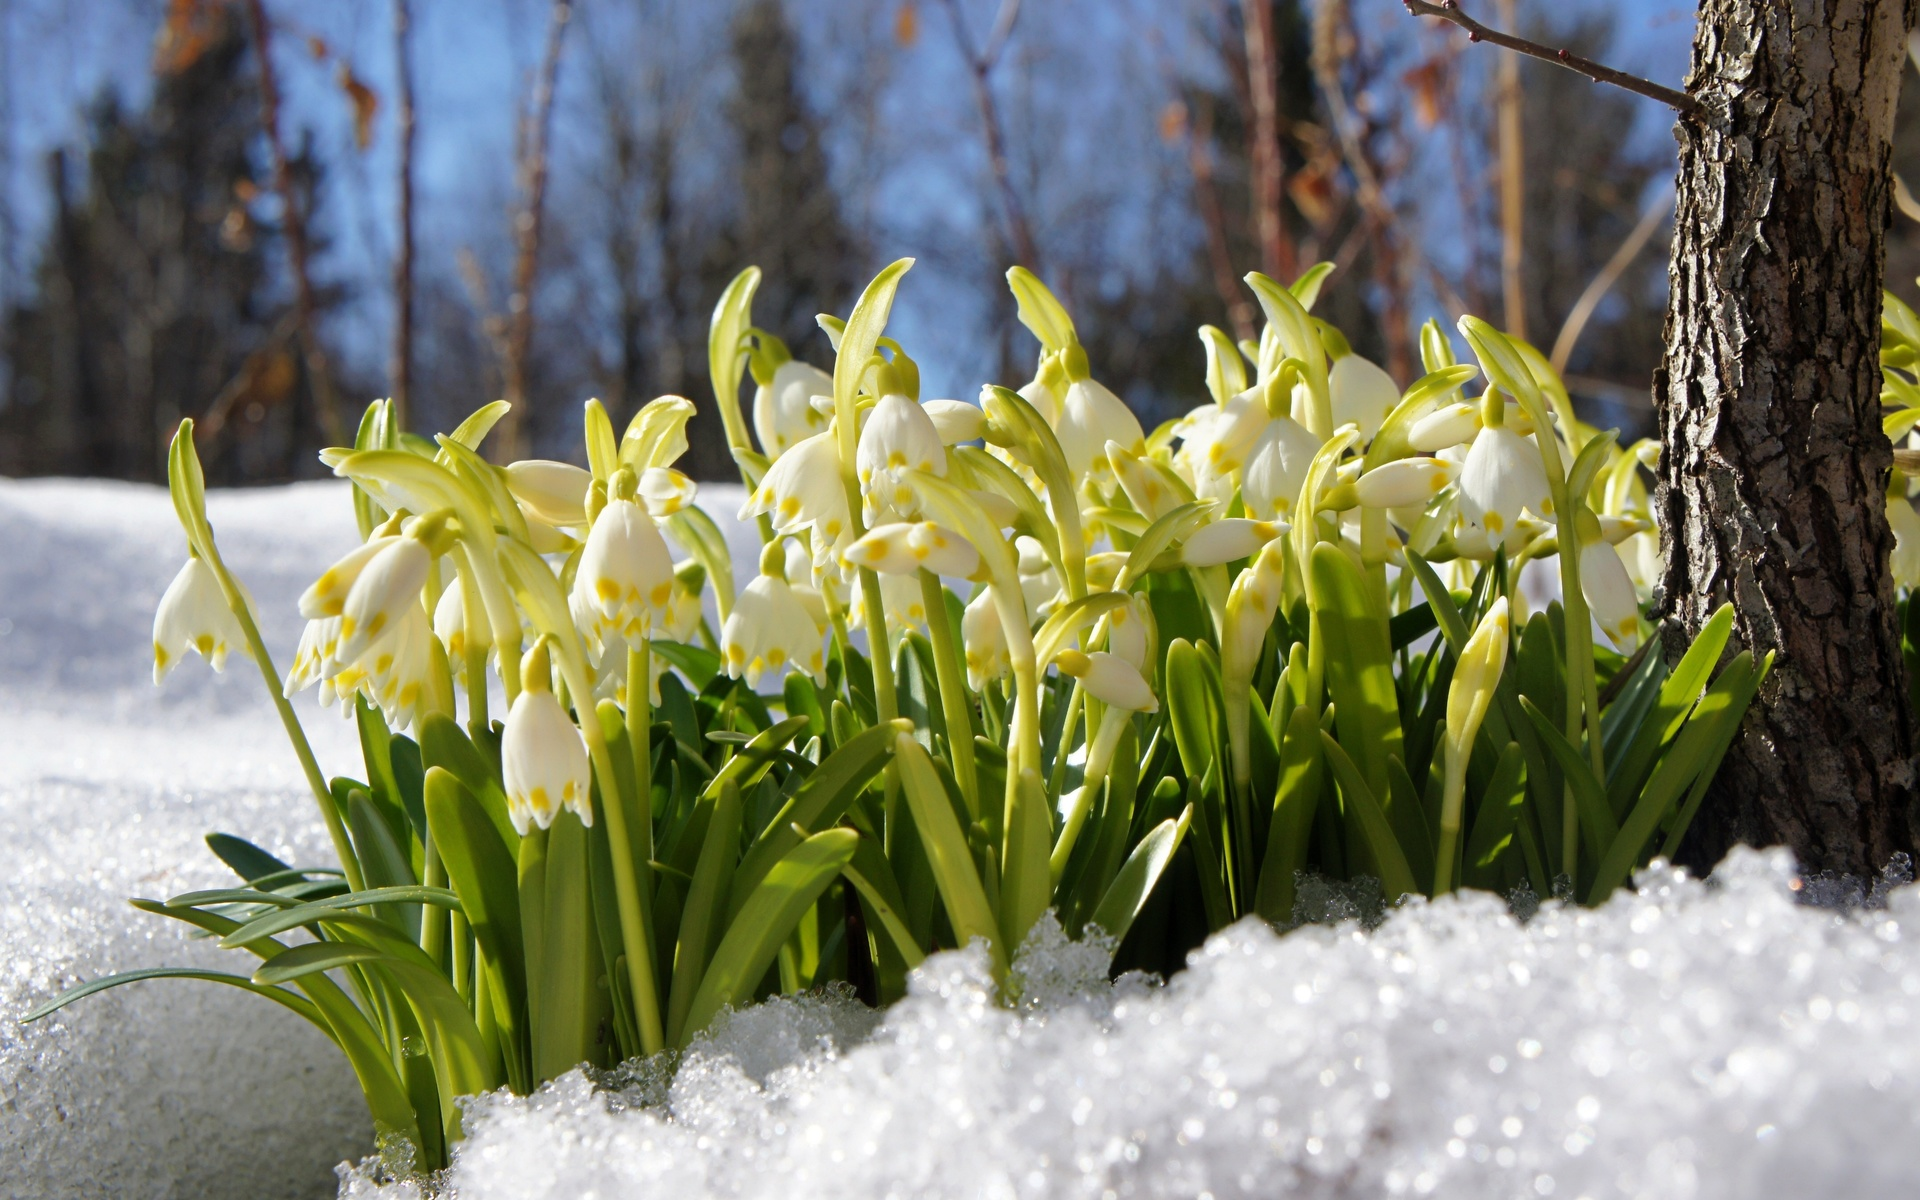 Картинки ранней весны на телефон